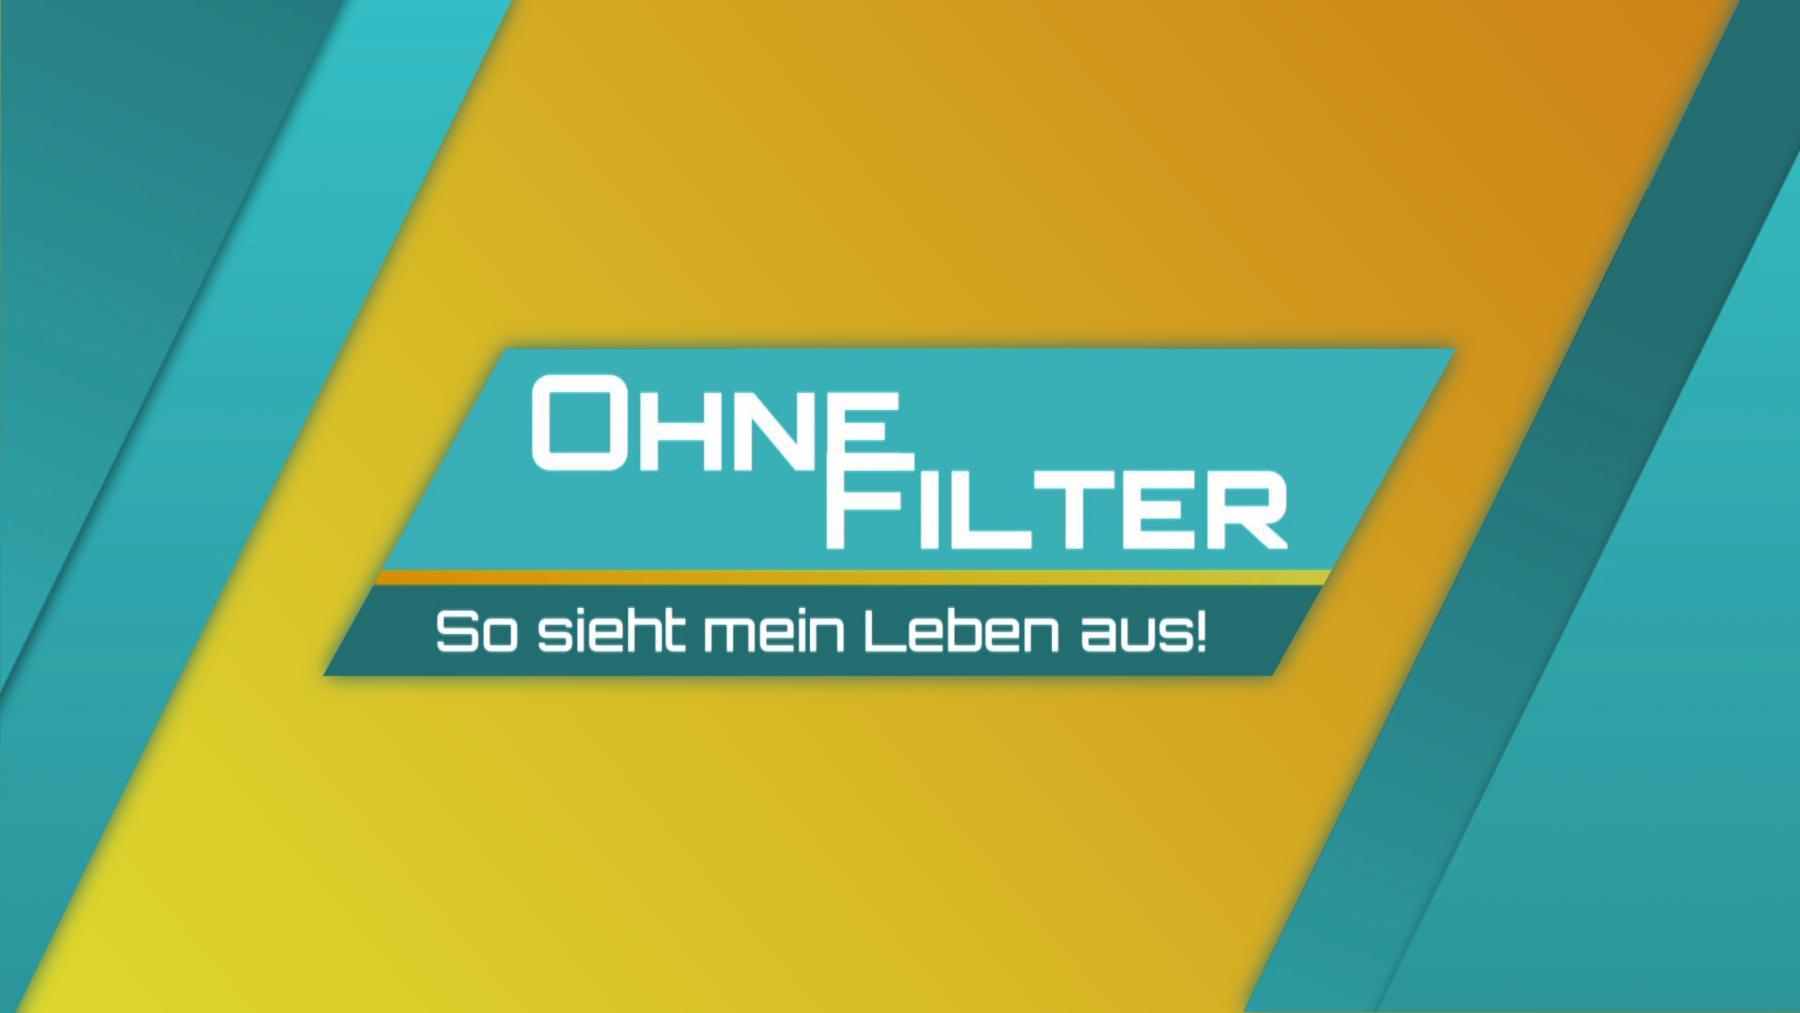 Ohne Filter - So sieht mein Leben aus!